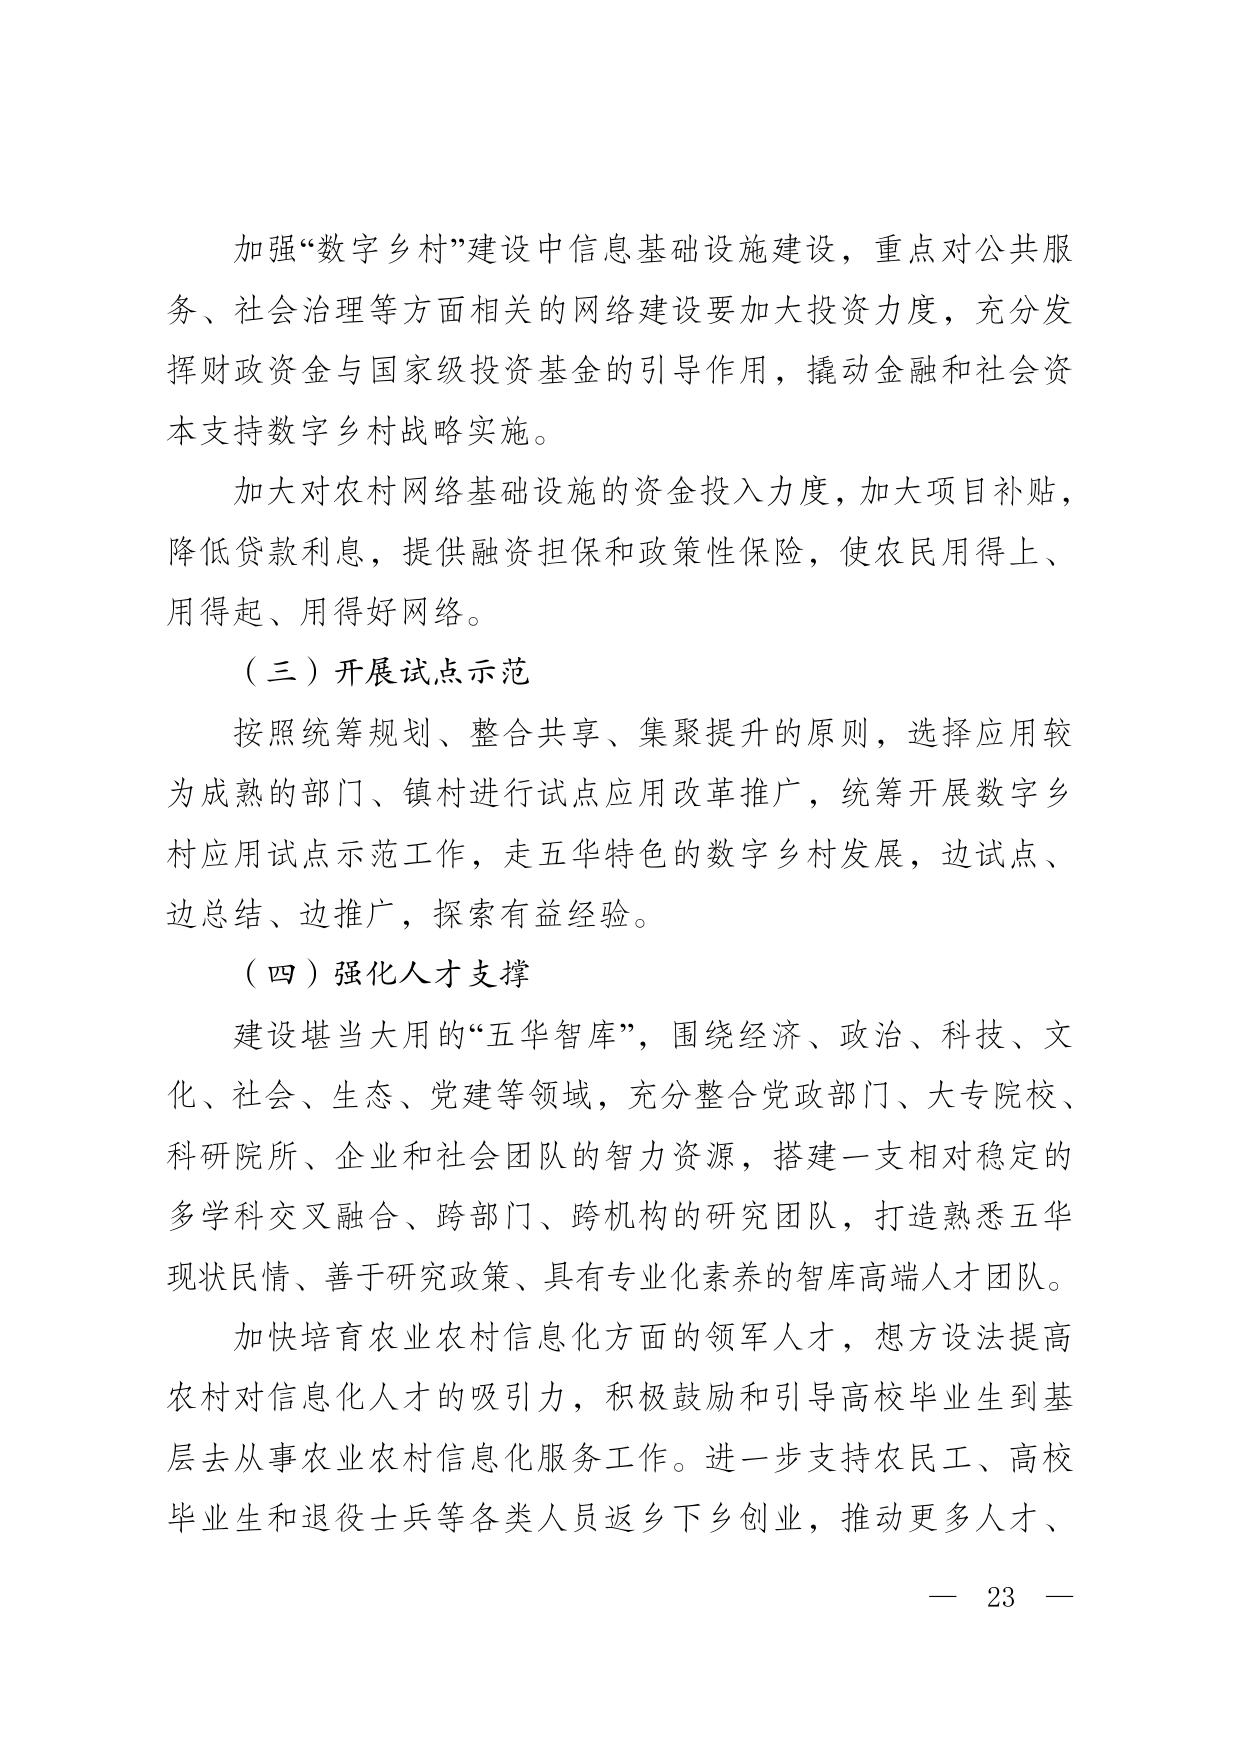 华办函〔2020〕5号关于印发《五华县数字乡村发展总体规划(2020—2025年)》的通知0022.jpg